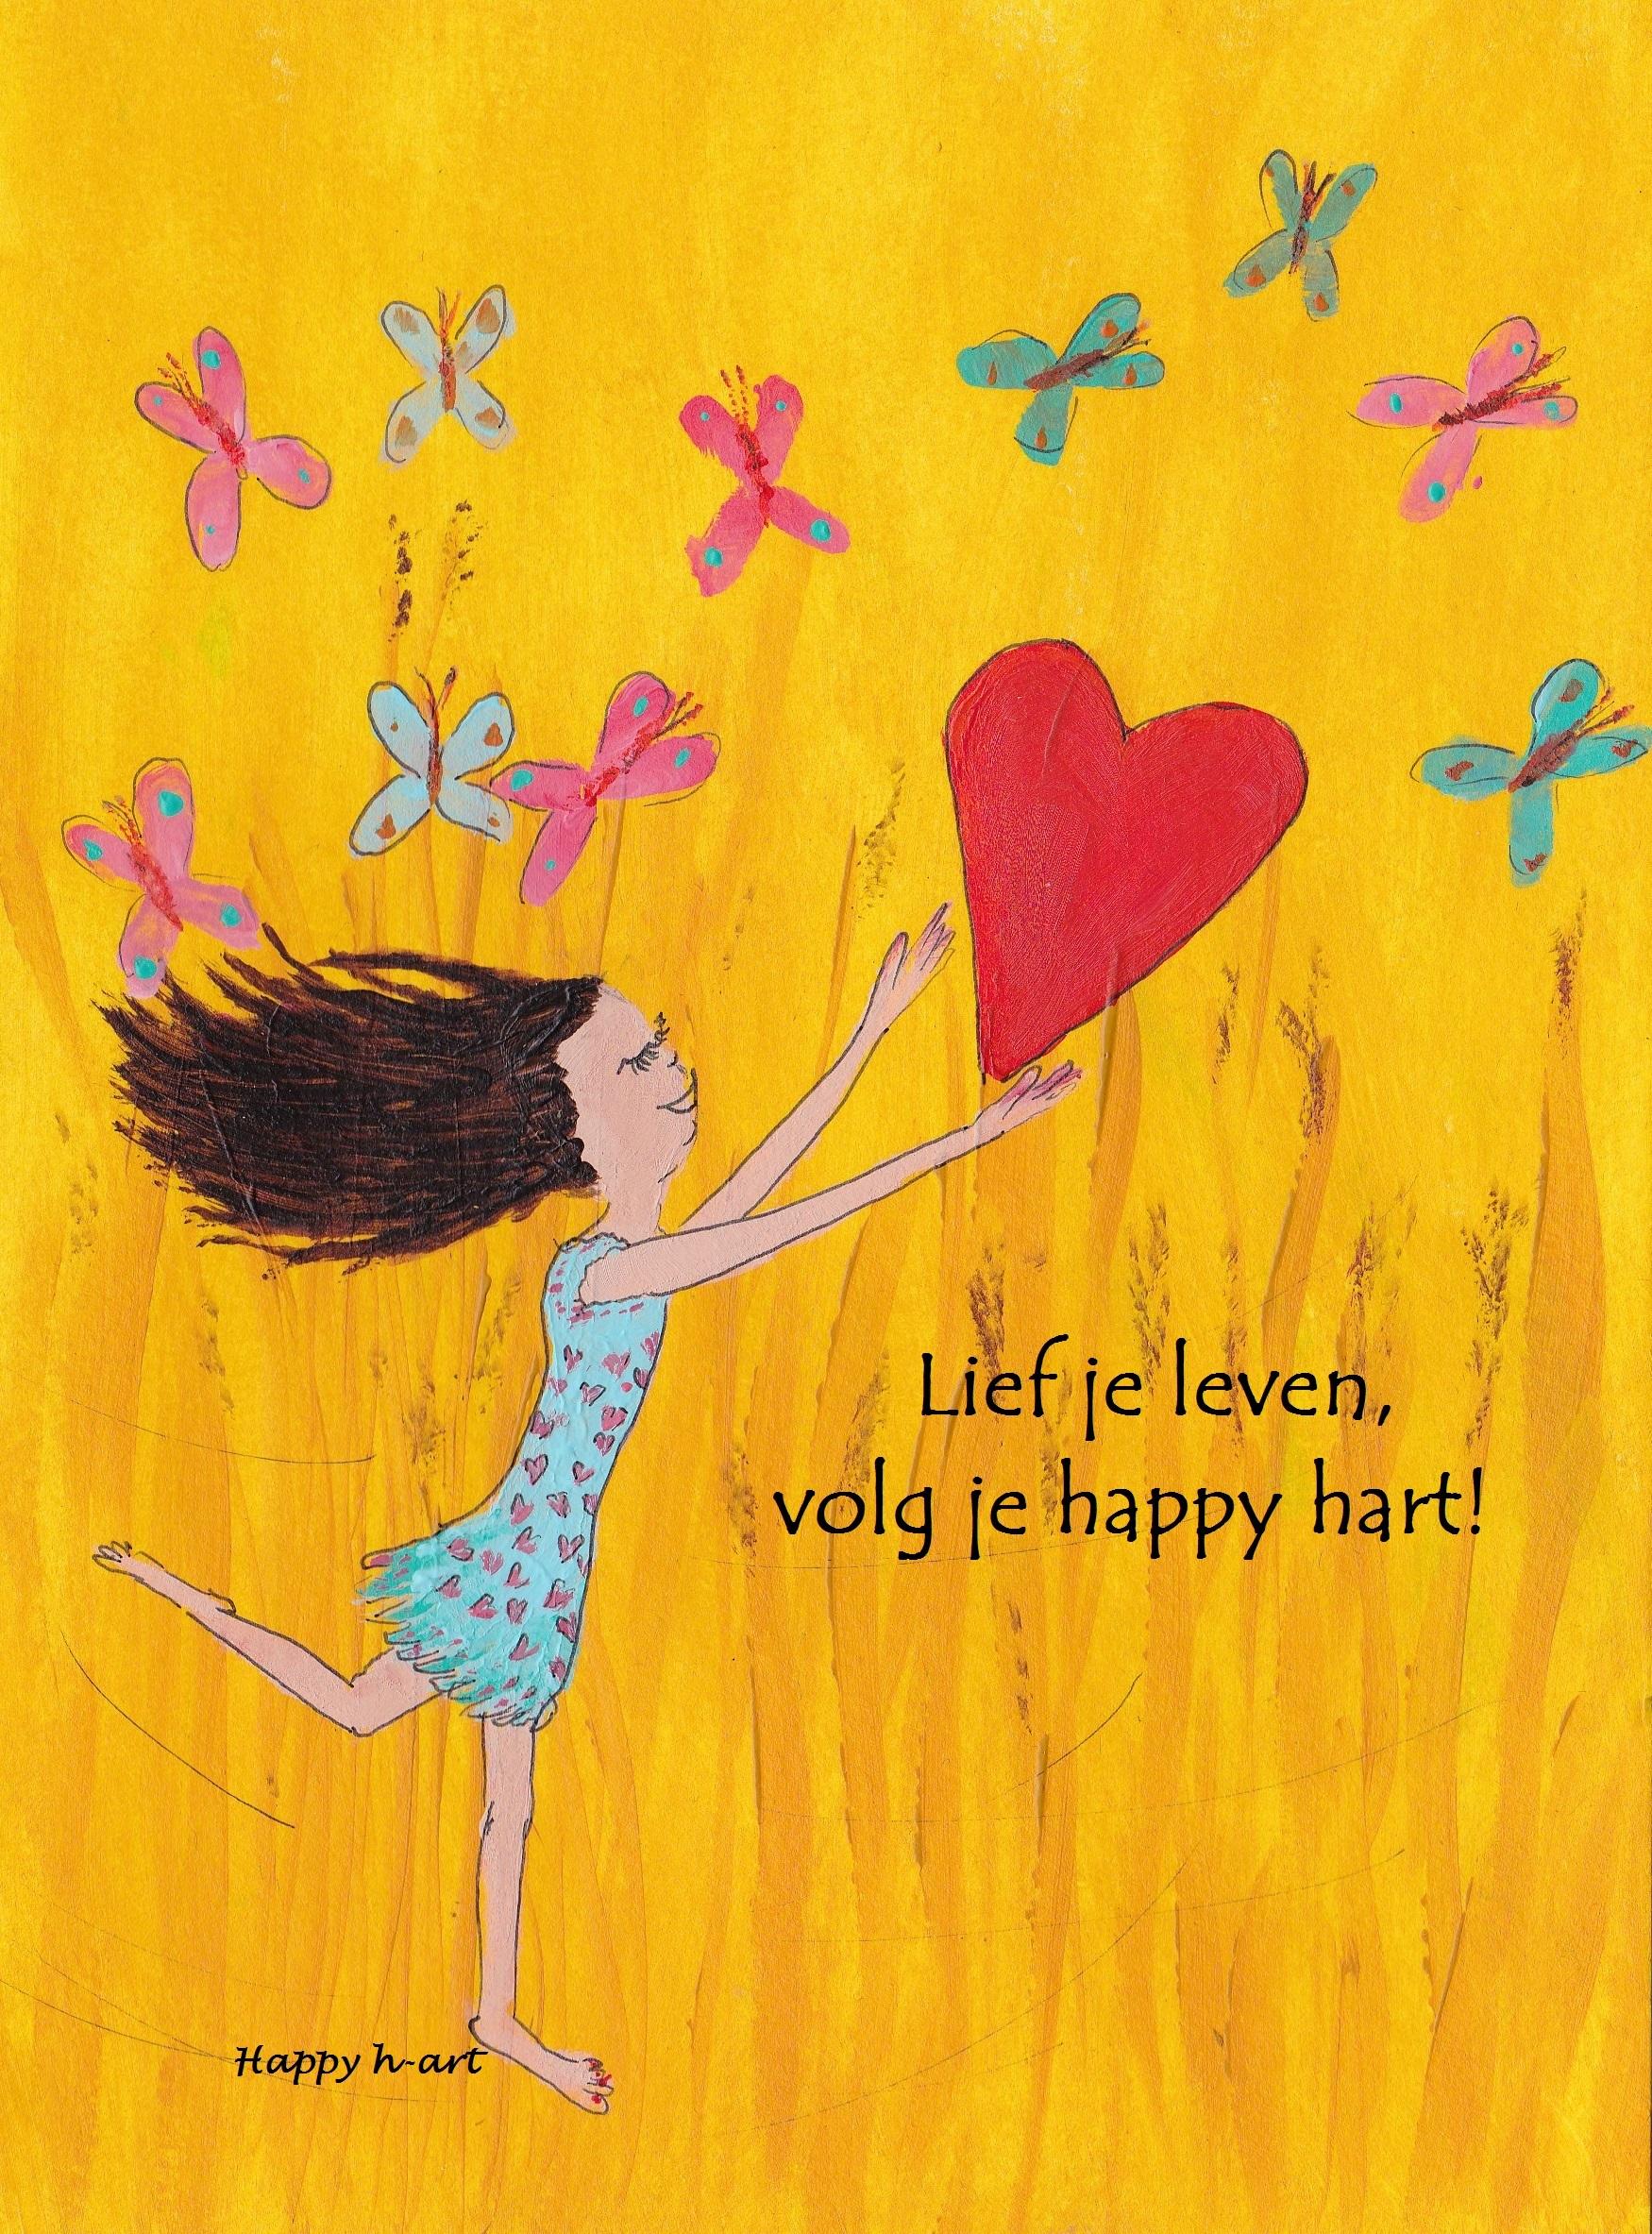 Lief je leven, volg je Happy hart